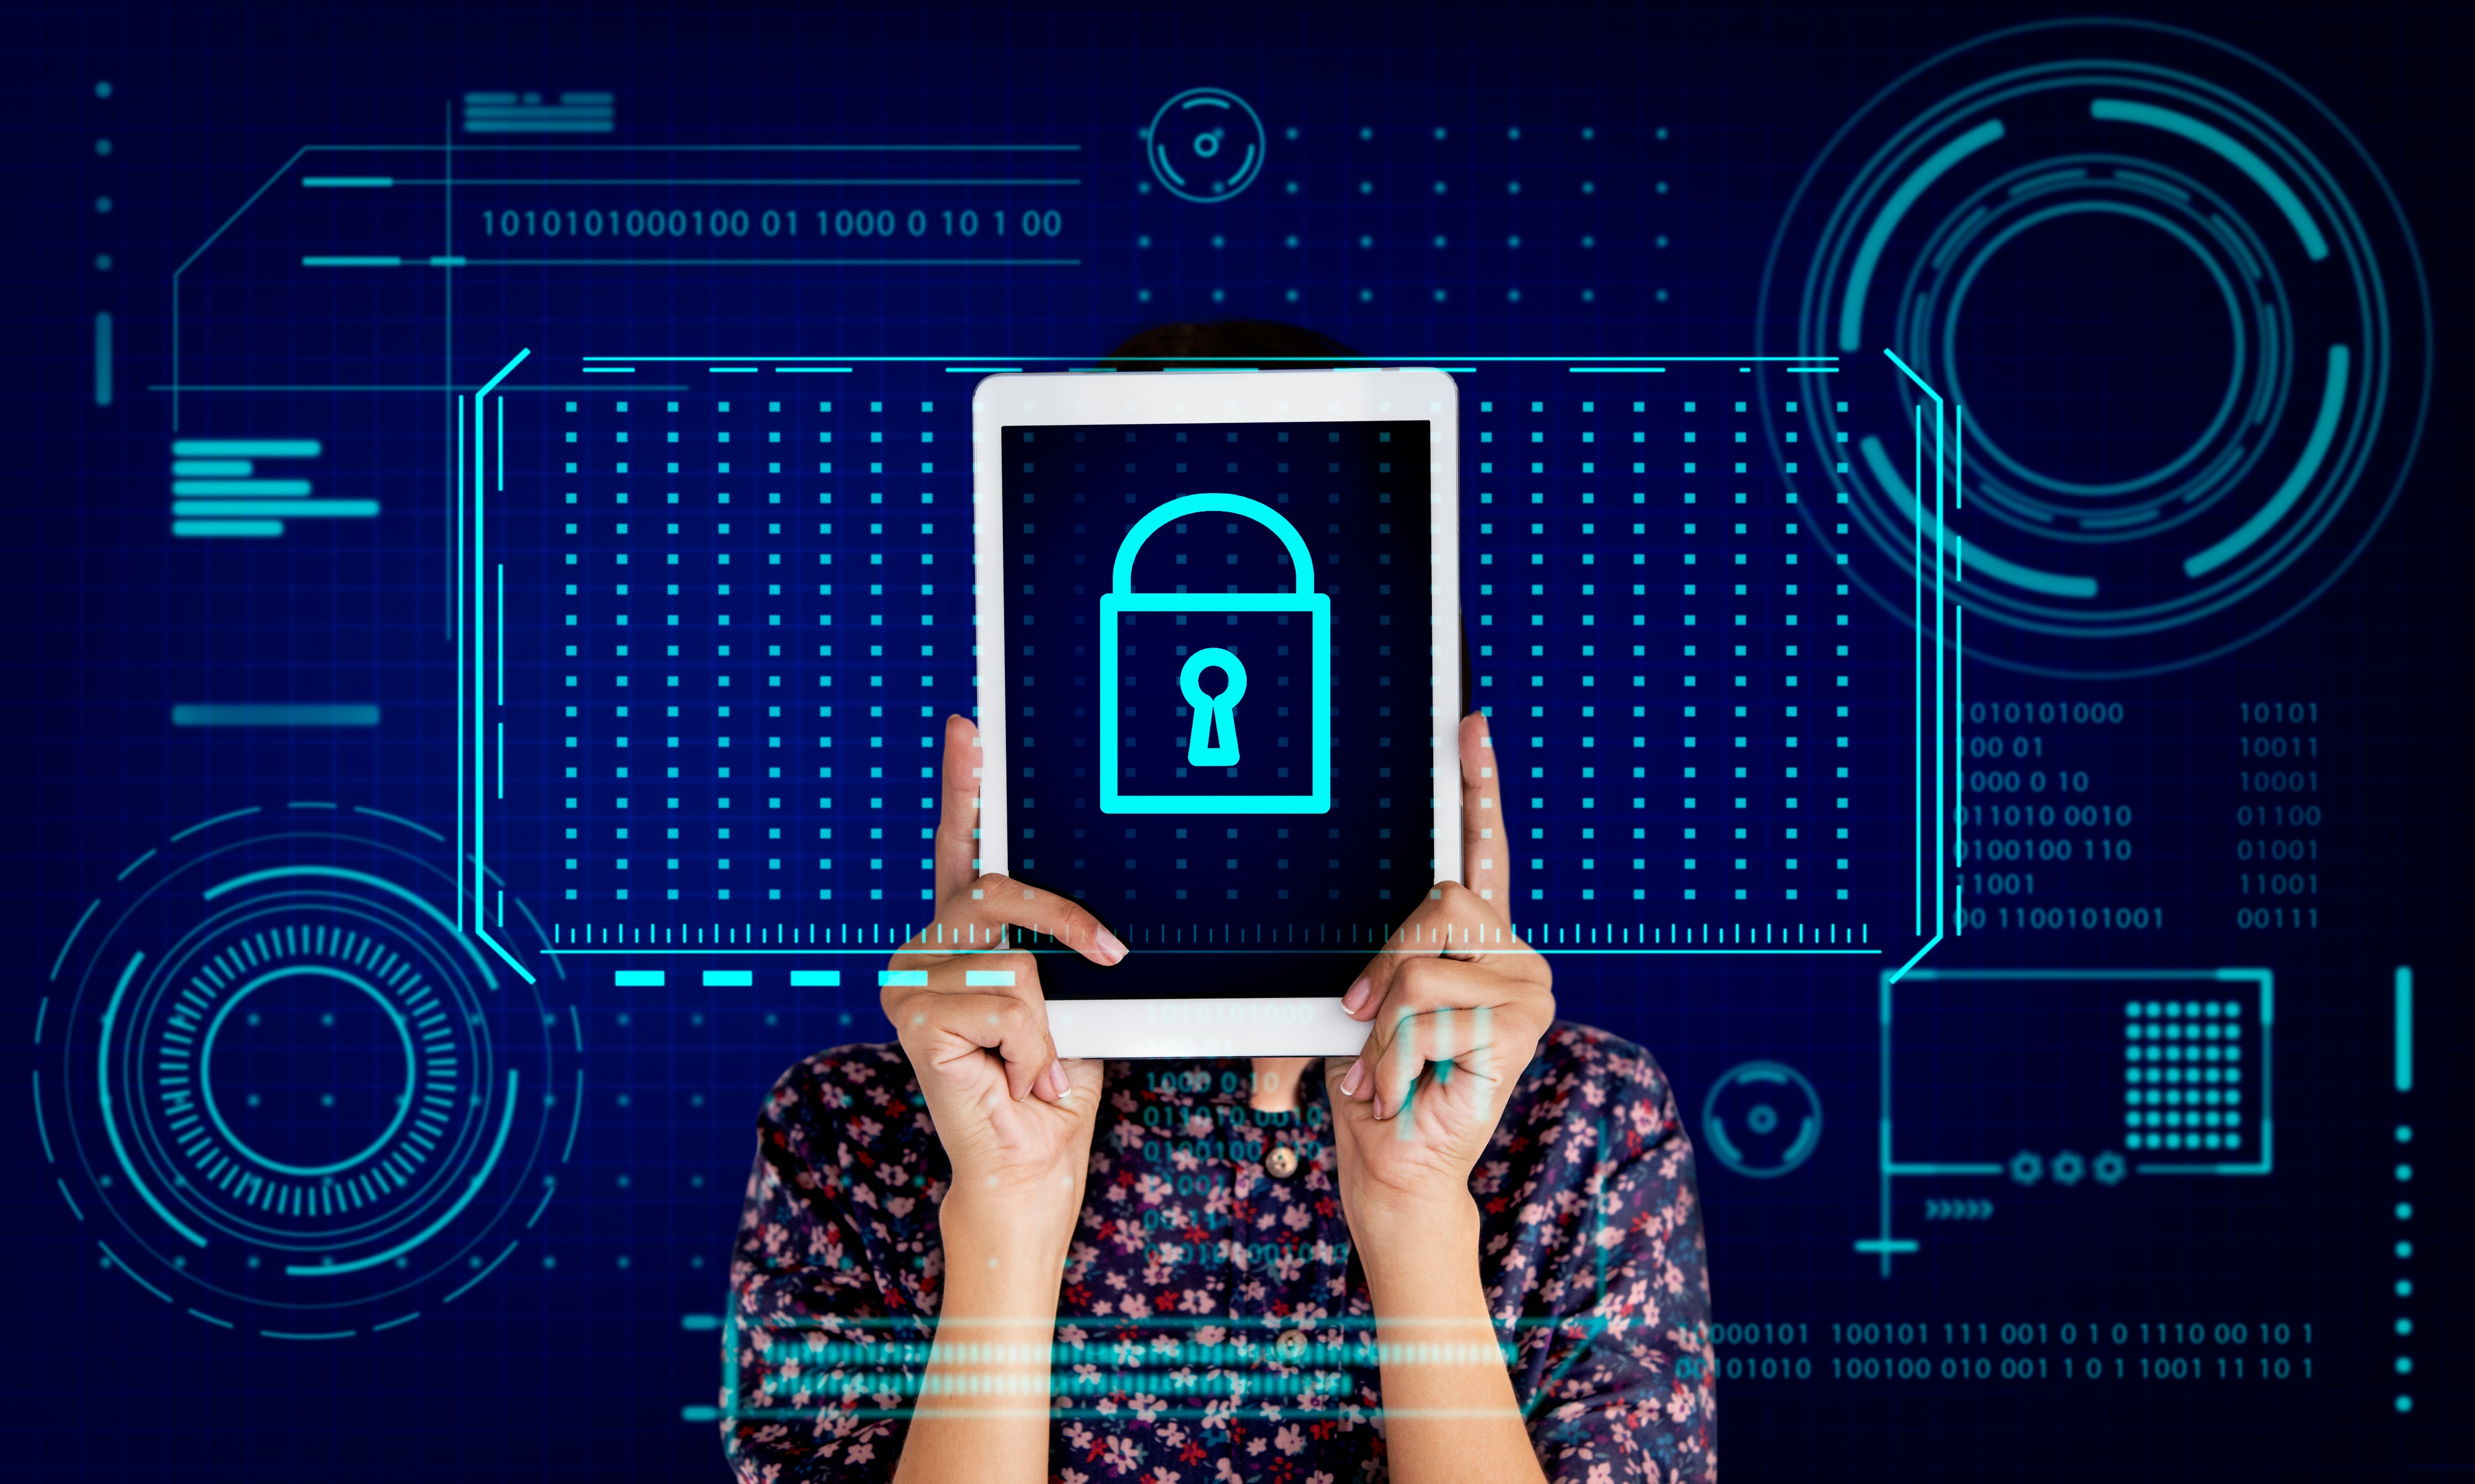 ビットコインのパスワードの決め方や忘れたときの対処法について_0